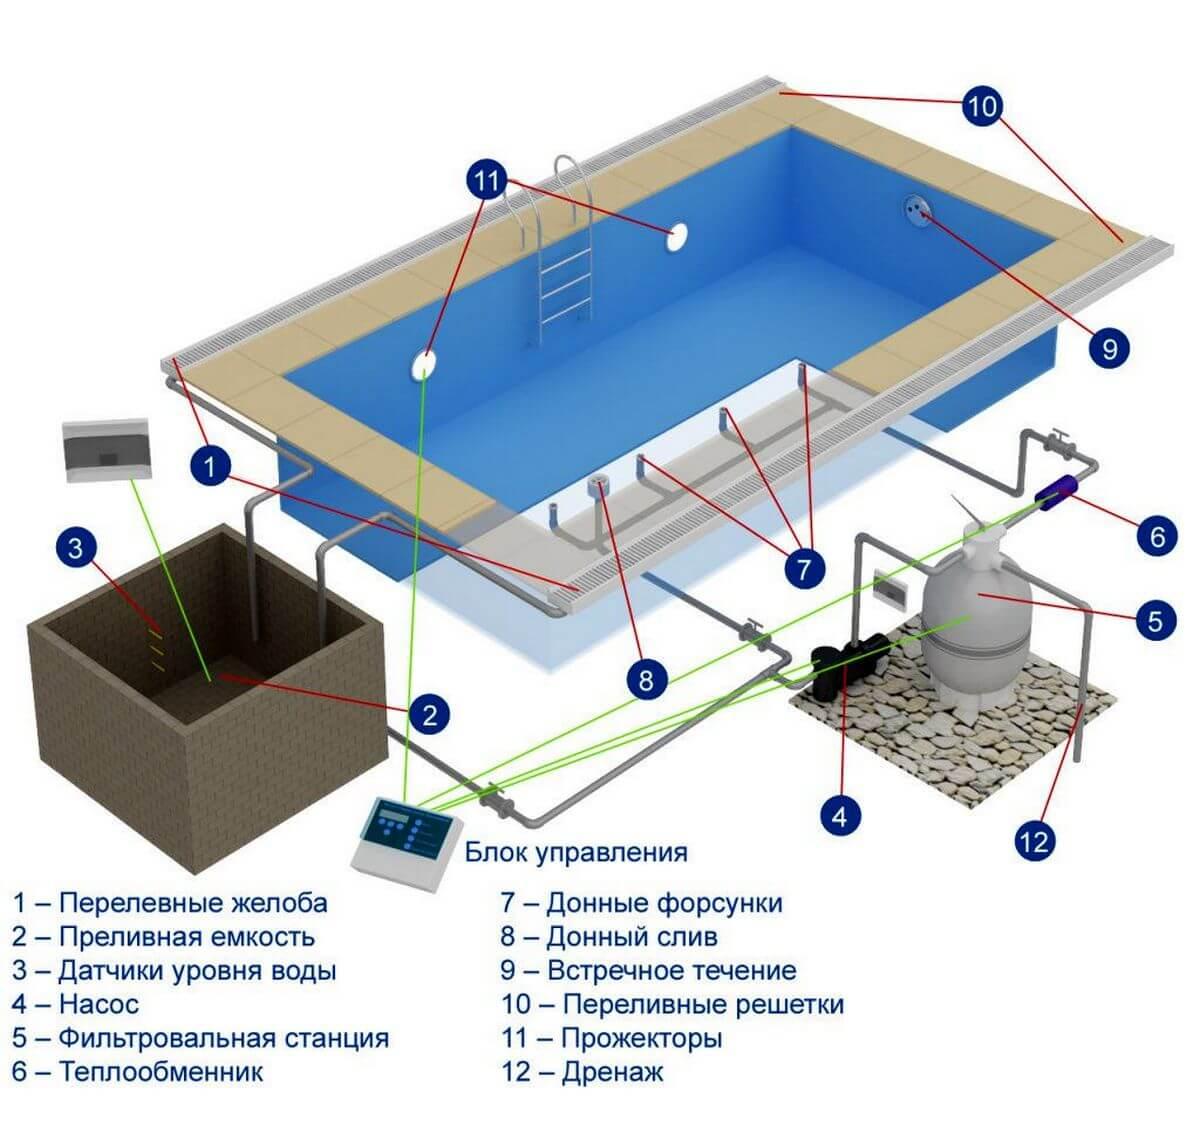 Переливной мини-бассейн